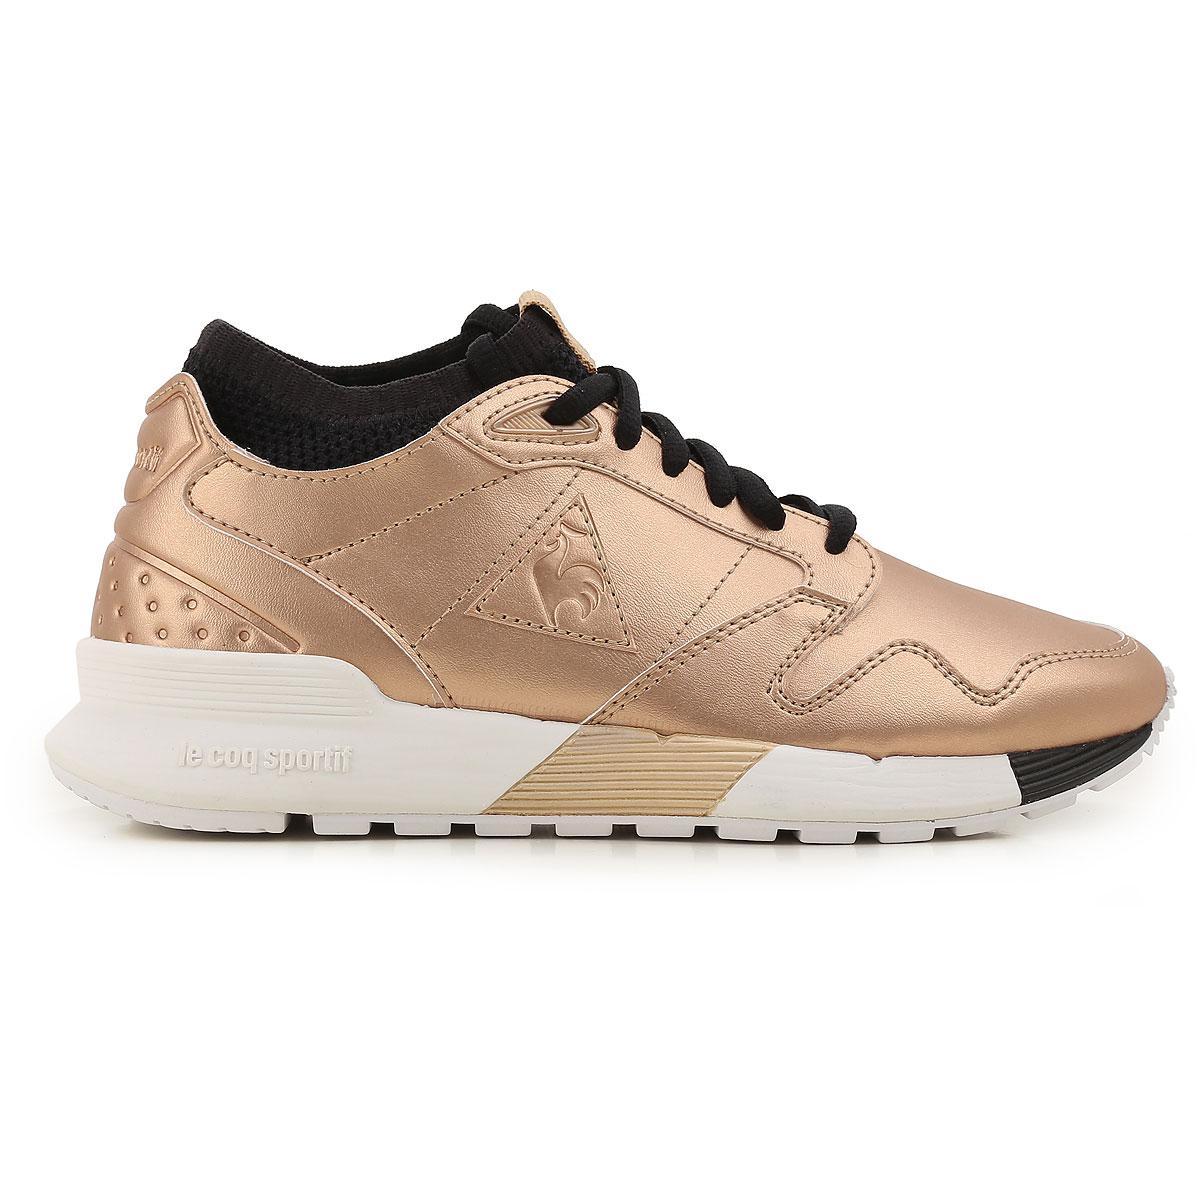 11644c915da1 Lyst - Le Coq Sportif Shoes For Women